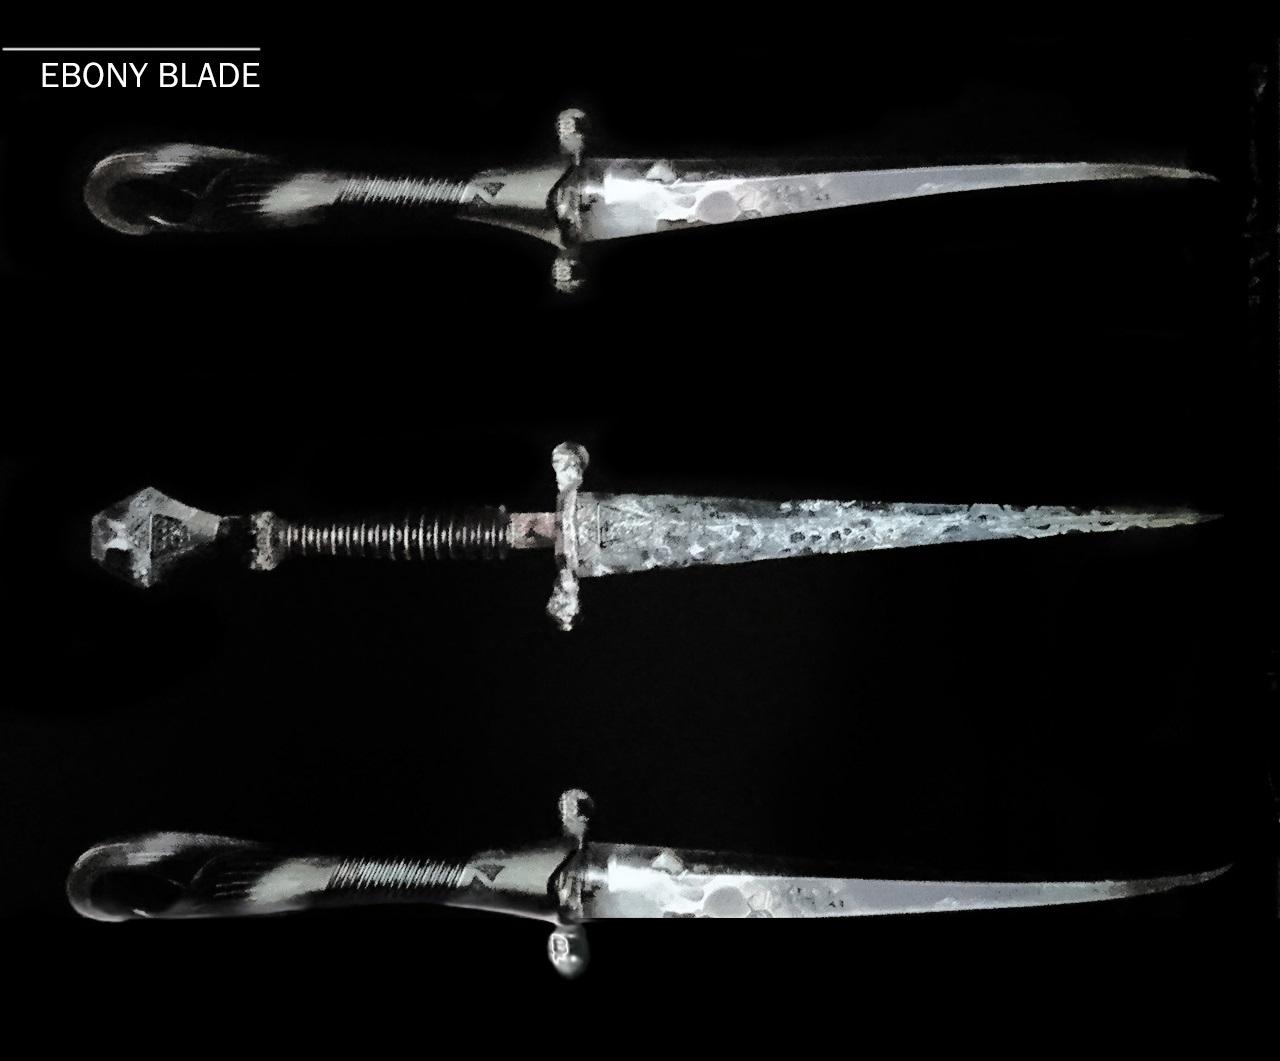 Ebony Blade